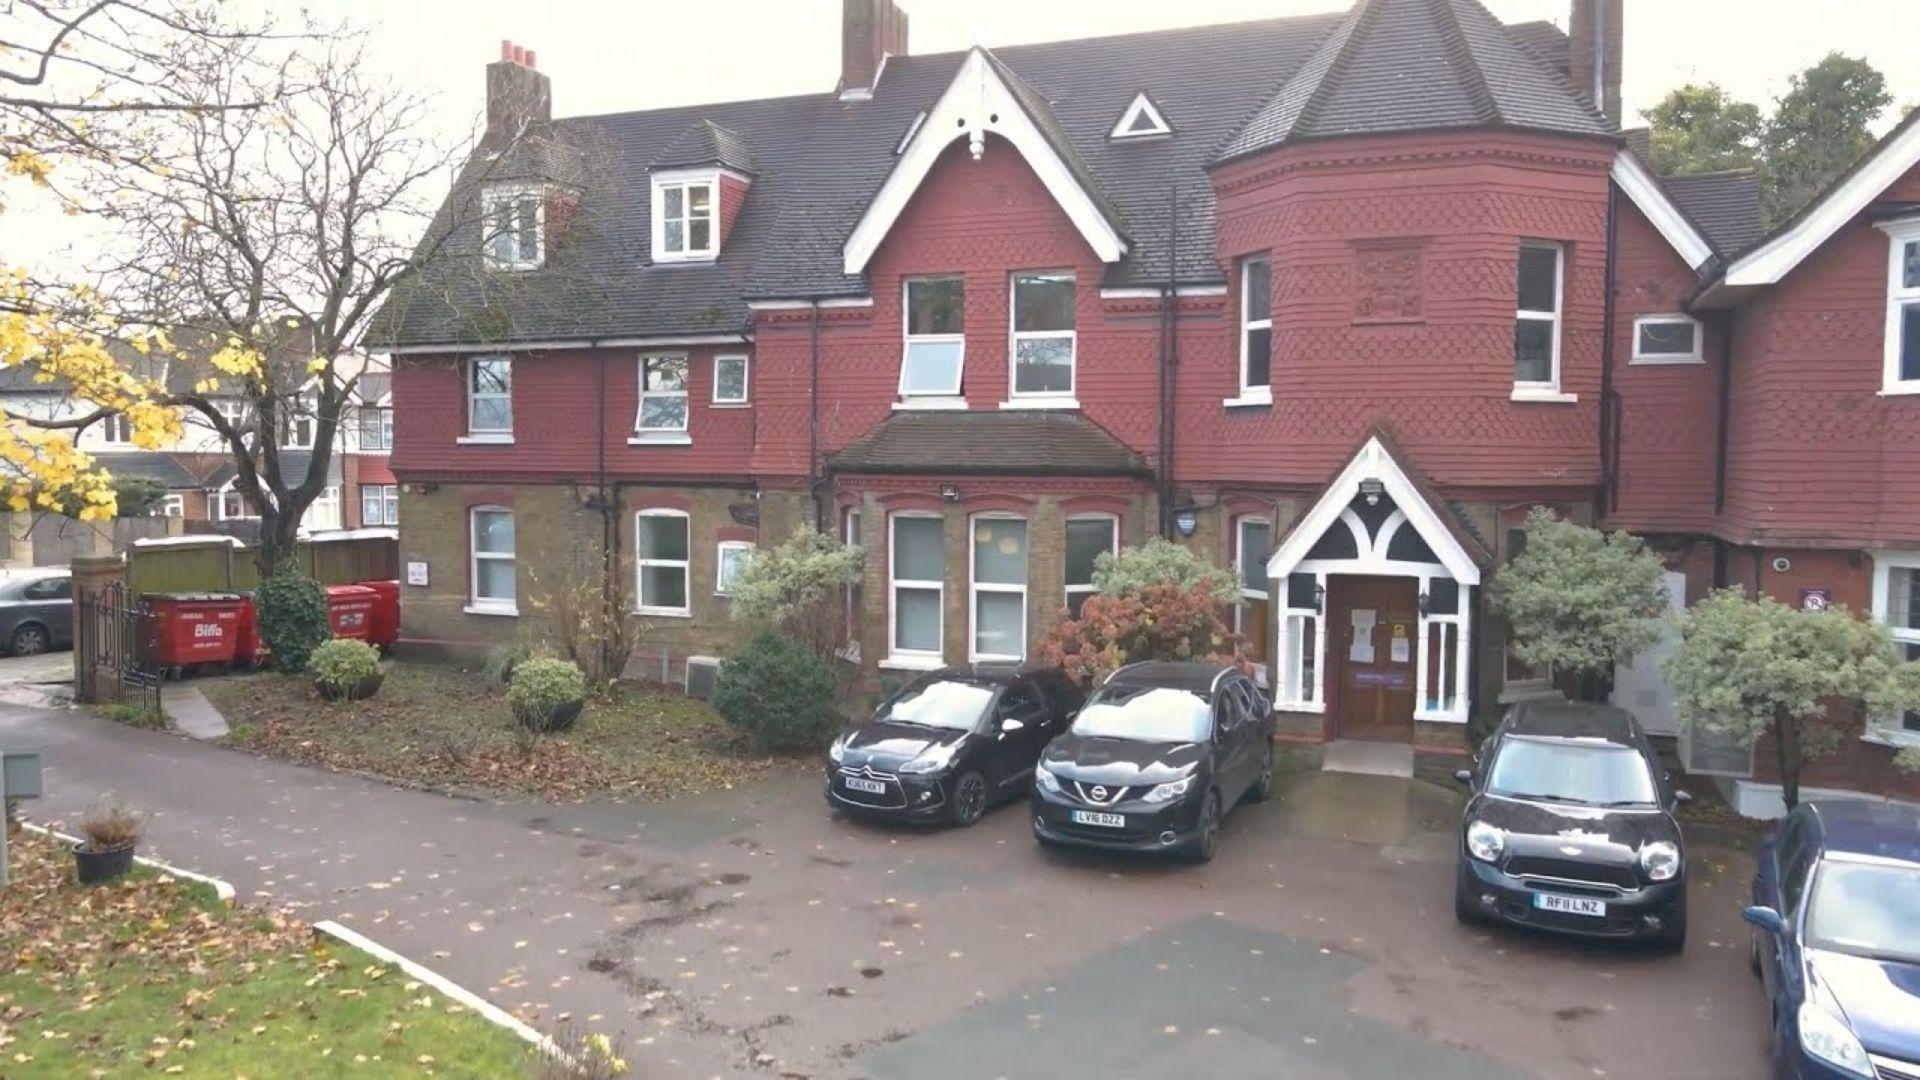 Segunda maior clínica de abortos tardios é fechada no Reino Unido